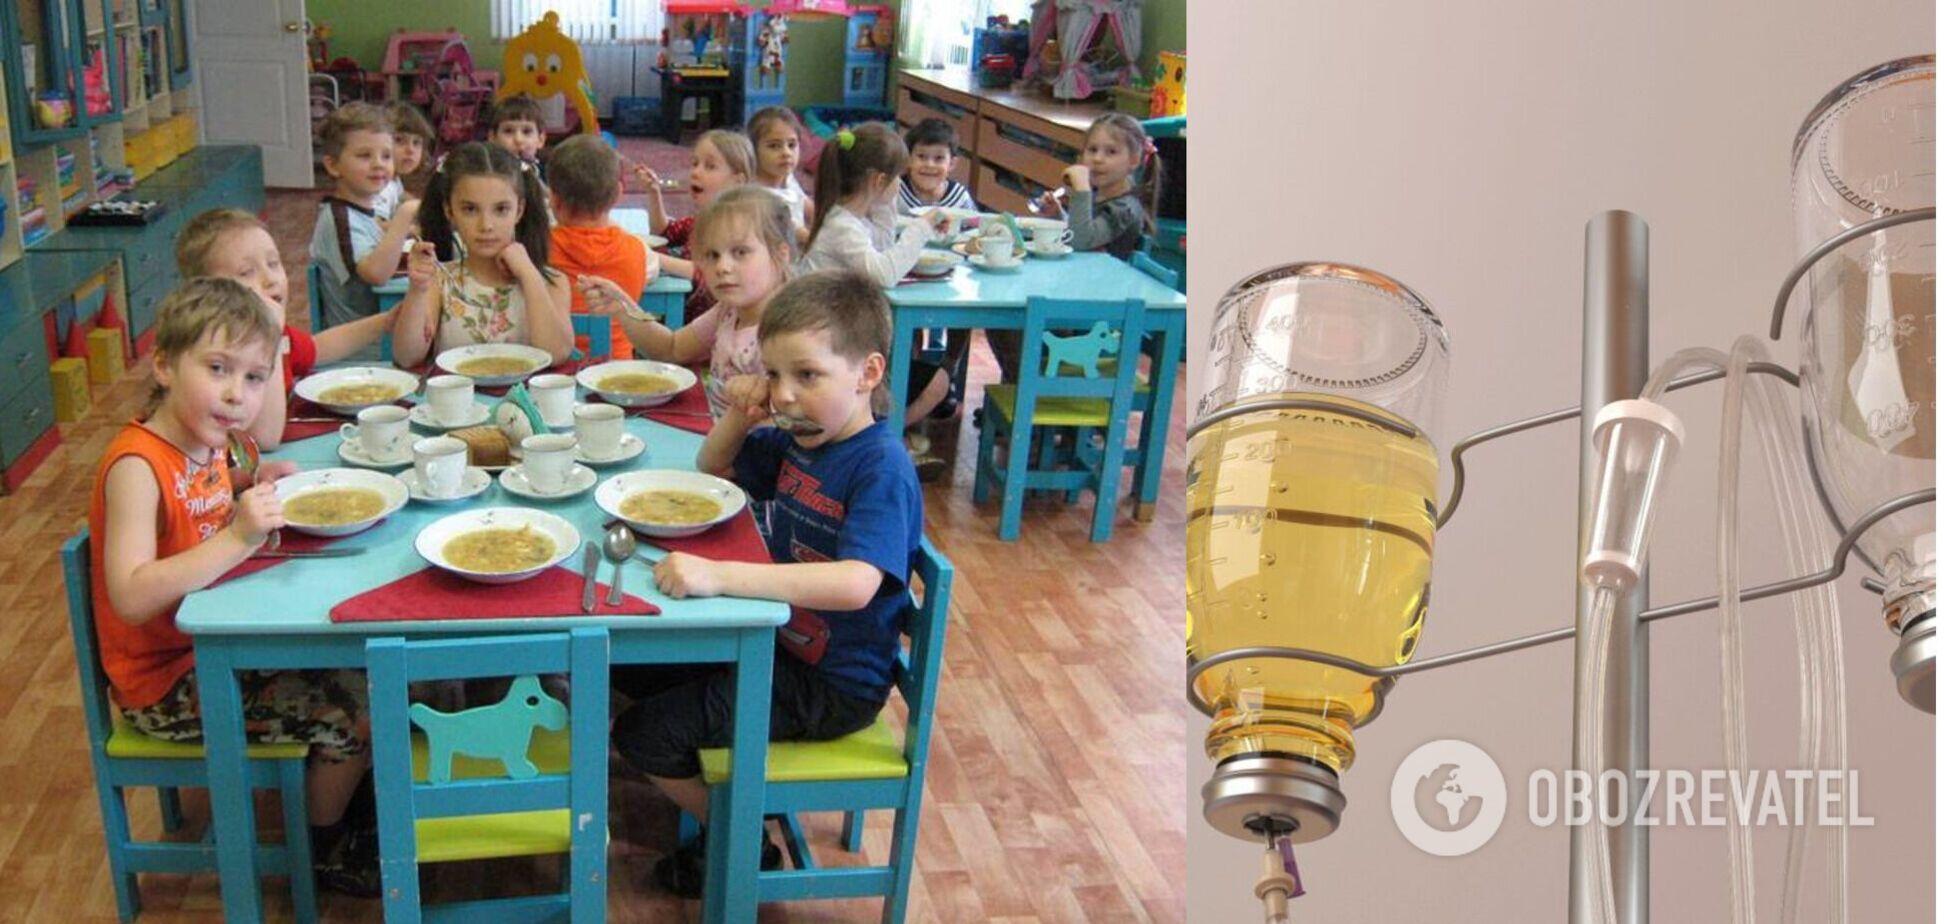 У Запорізькій області сталося масове отруєння дітей у садку